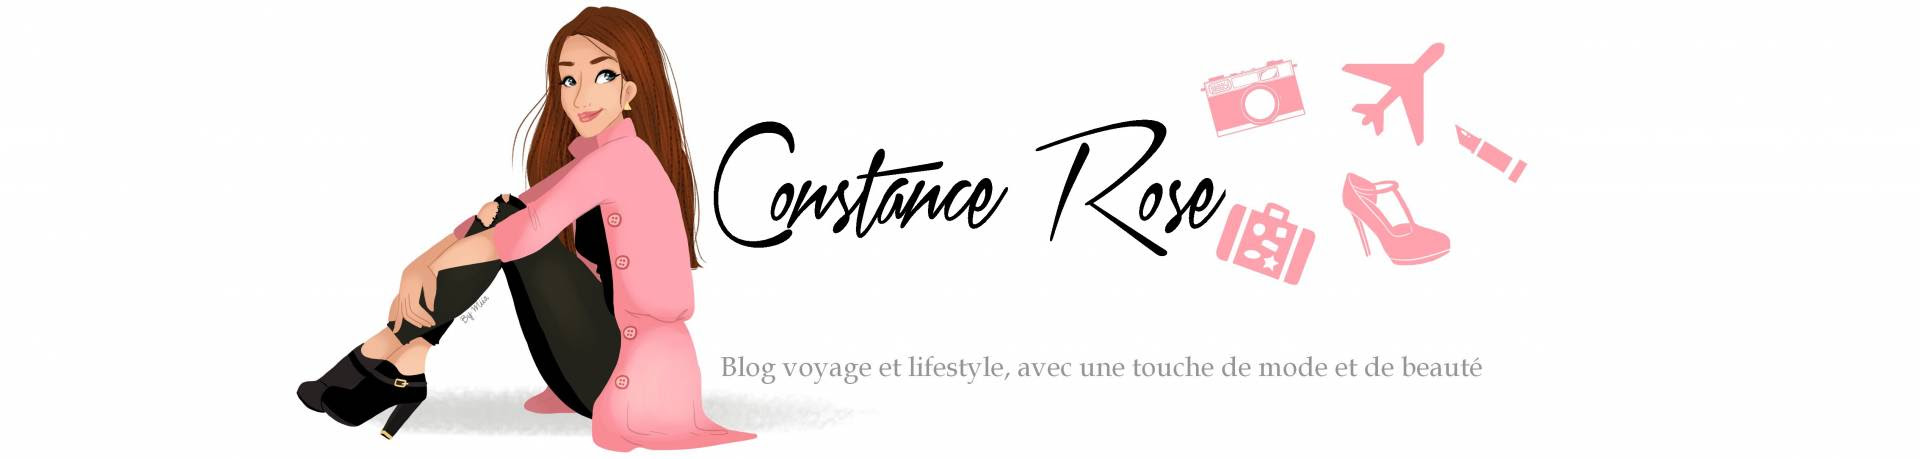 Enlever Un Grain De Beauté Au Laser Constance Rose